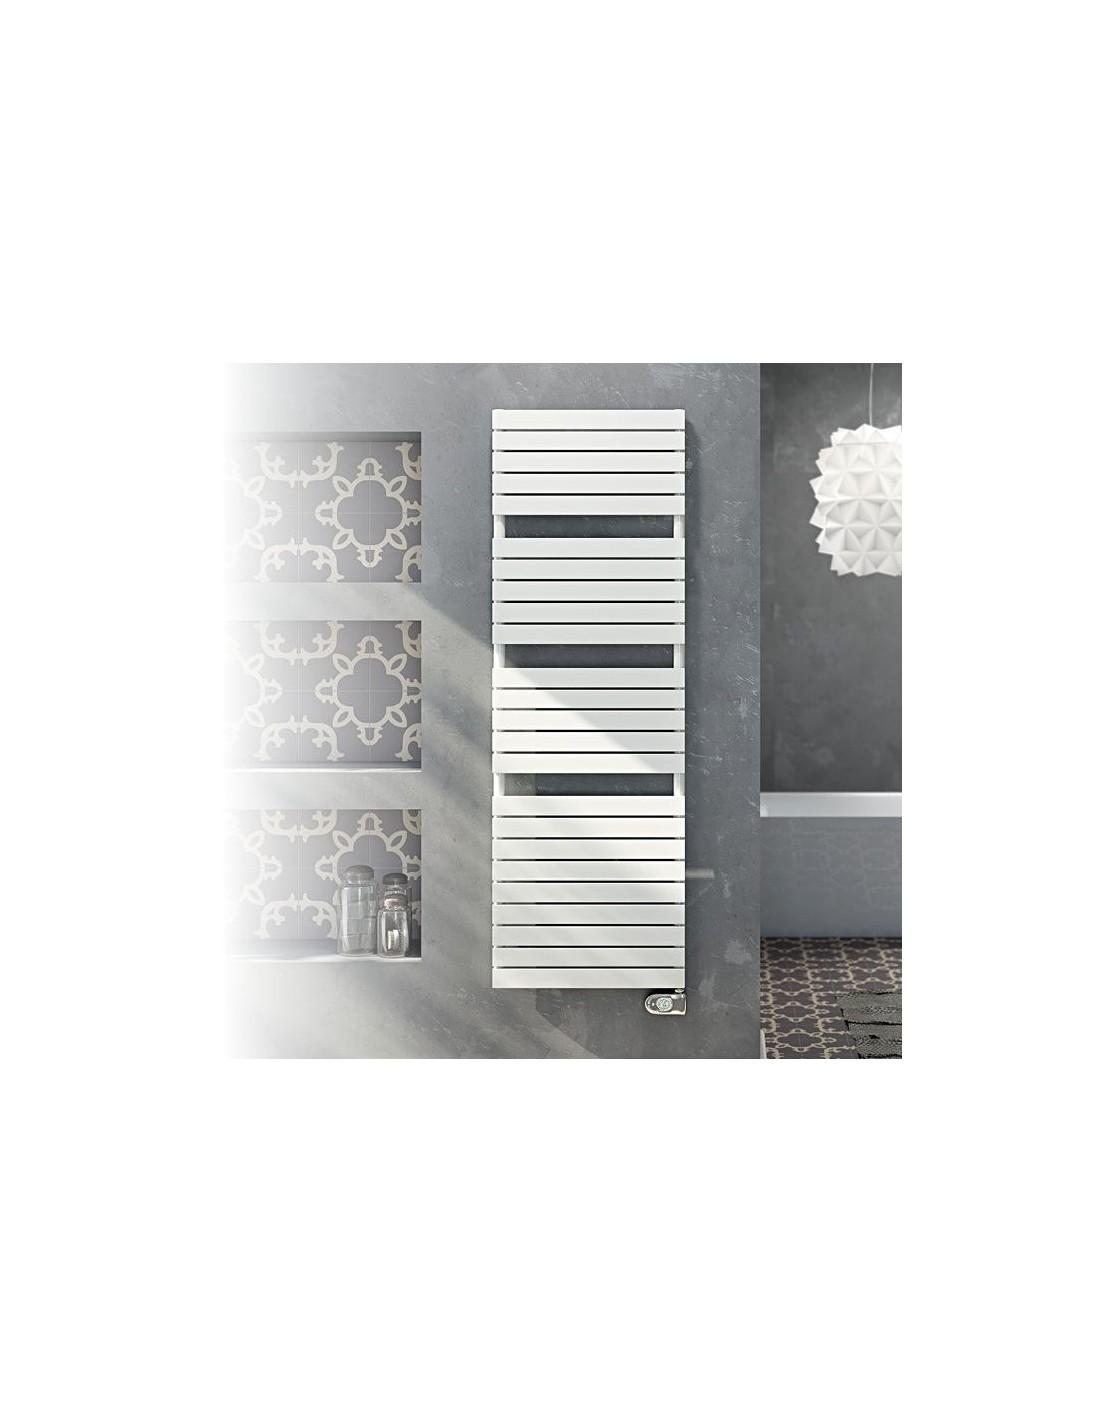 Sèche serviettes électrique Dory 1200W en finition blanche